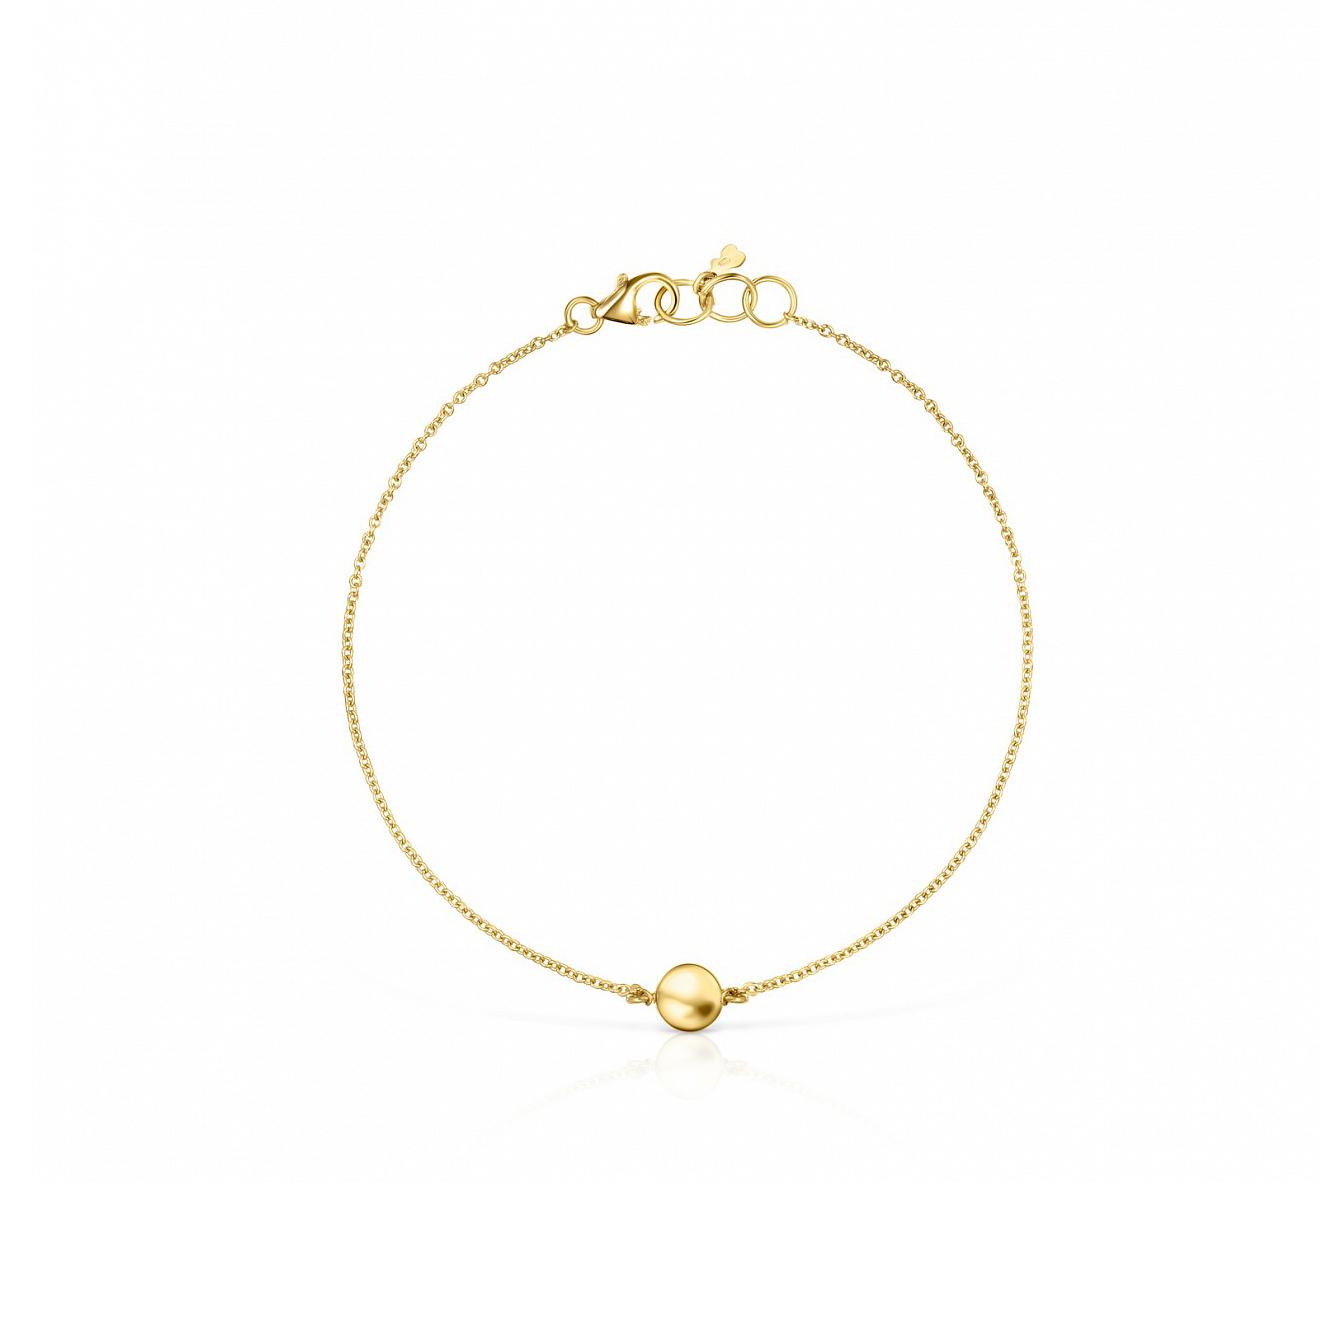 tous браслет glory из золота с перламутром tous TOUS Браслет Alecia из желтого золота